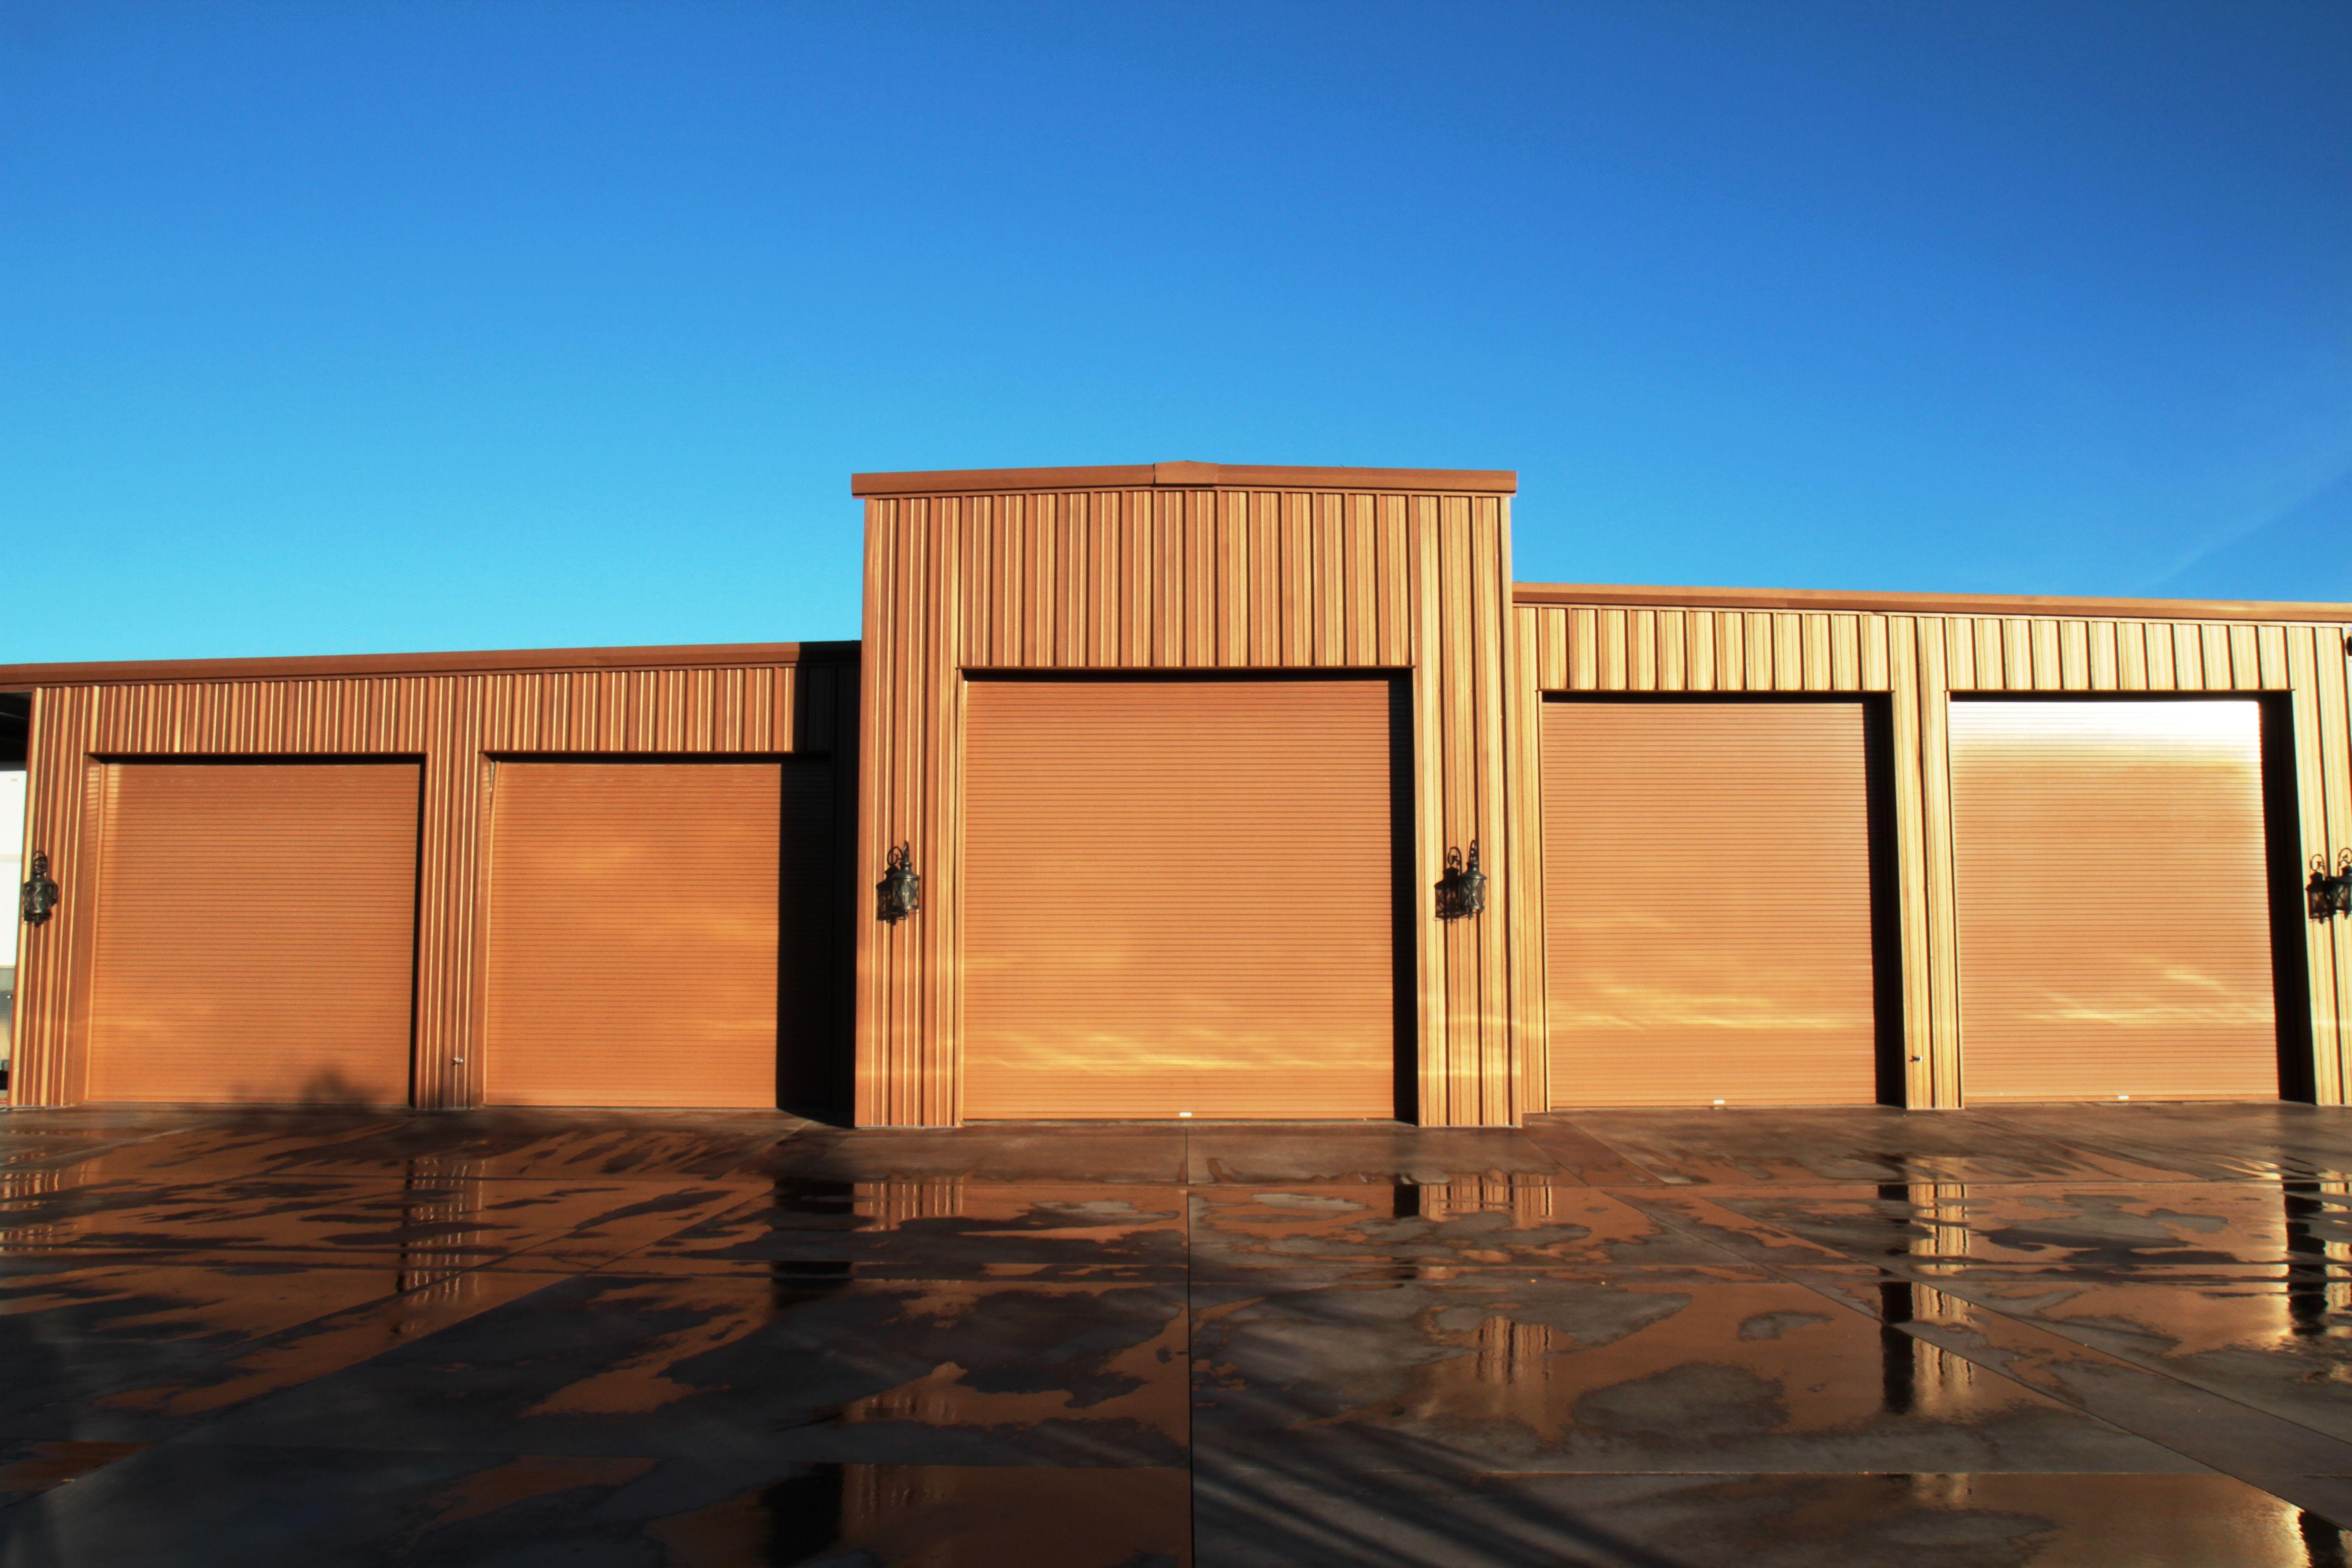 45 years of steel buildings by Bunger Steel. steelgarage